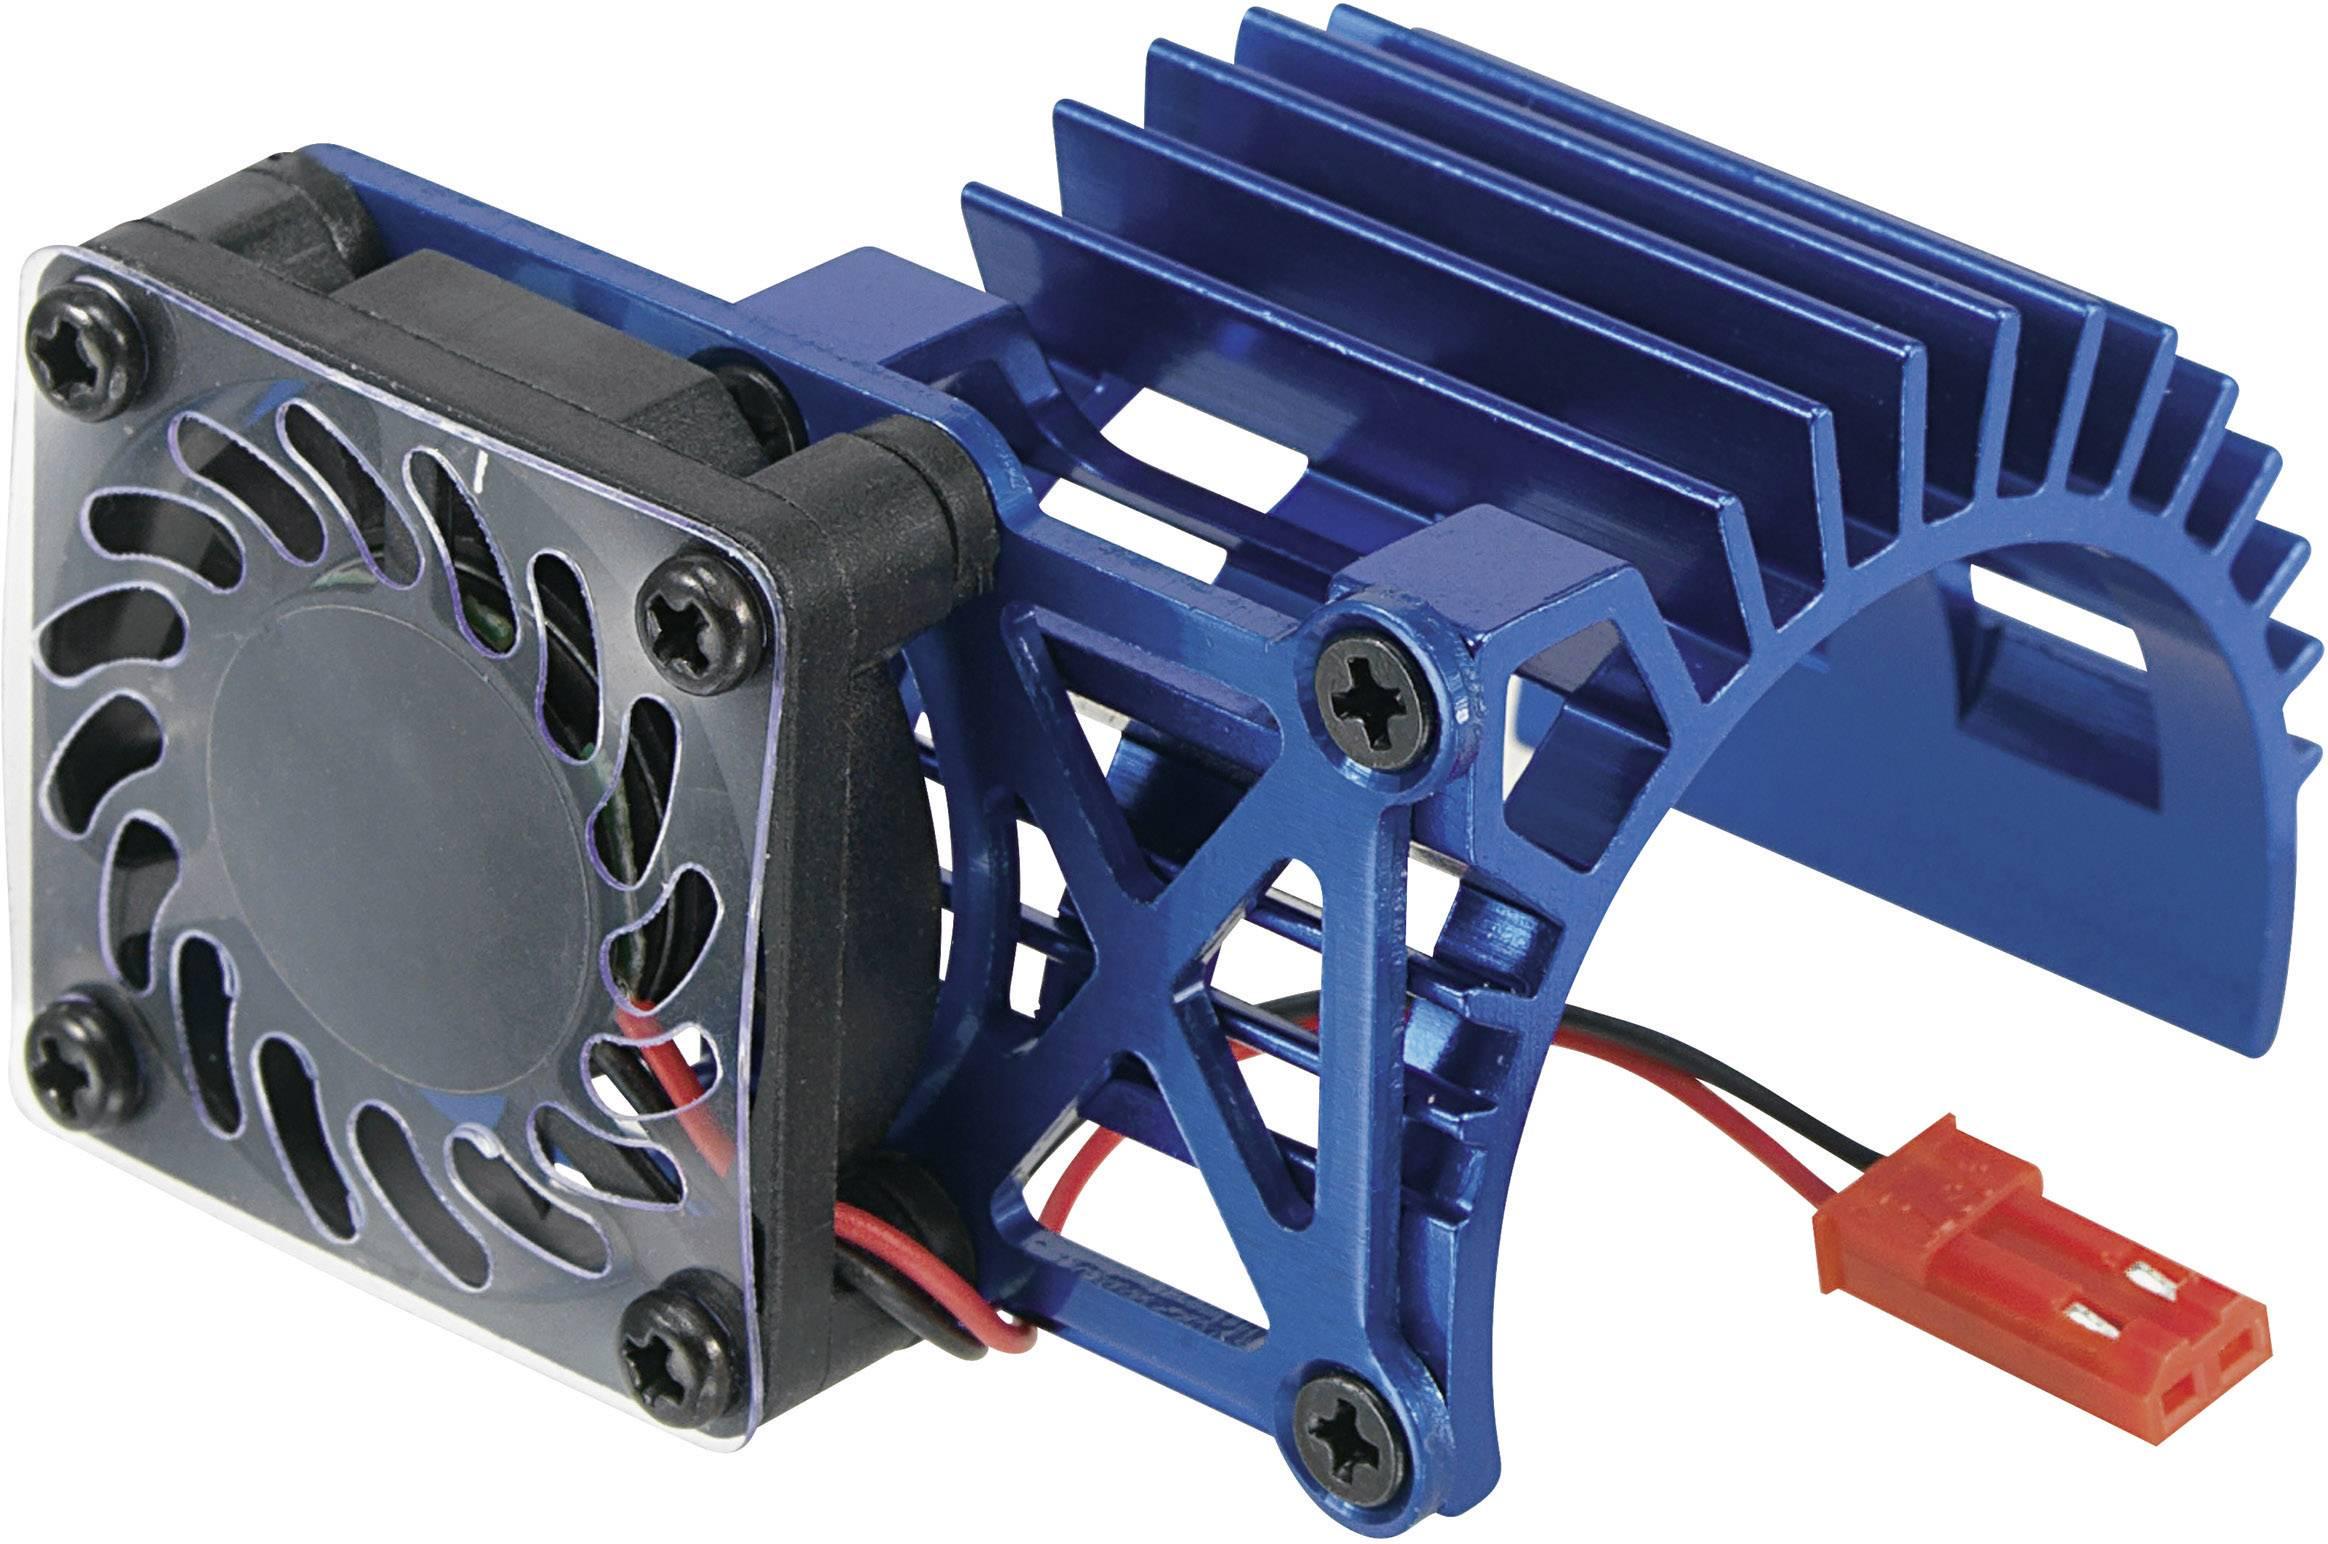 Hliníkový chladič s bočním ventilátorem Reely, pro motory 540, modrá